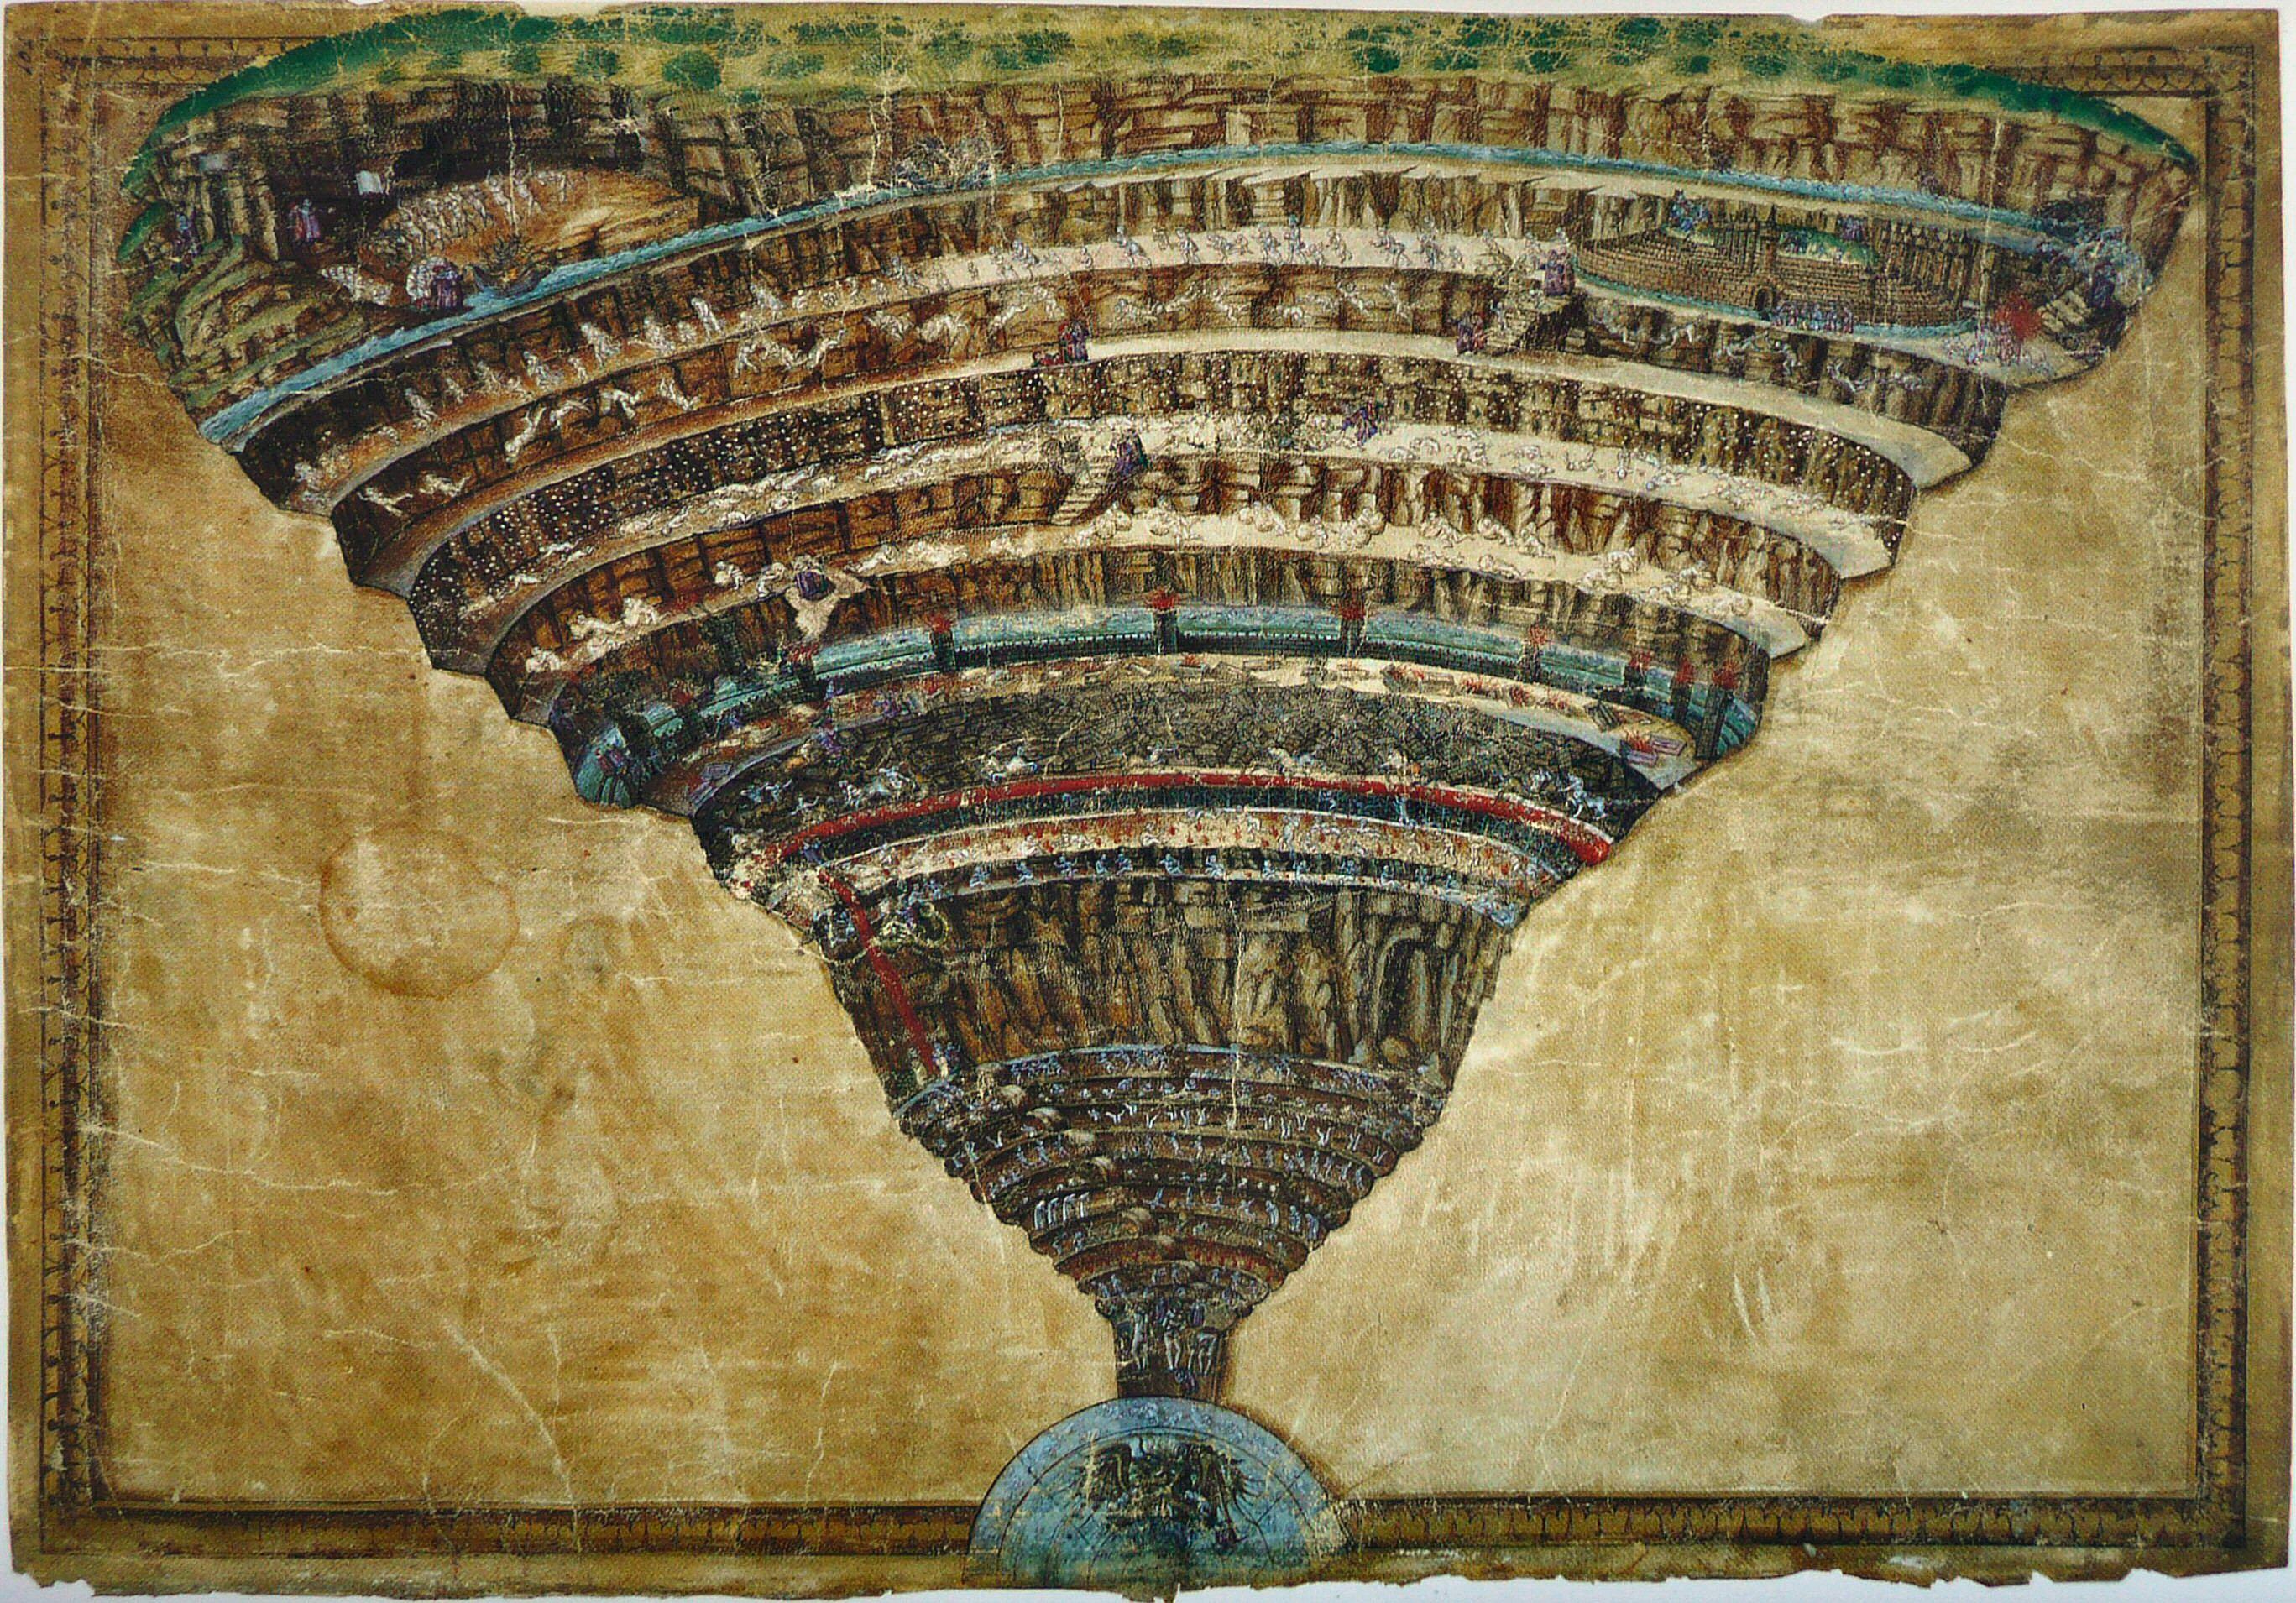 La Divina Commedia di Dante Alighieri illustrata da Botticelli – Edizione 1946